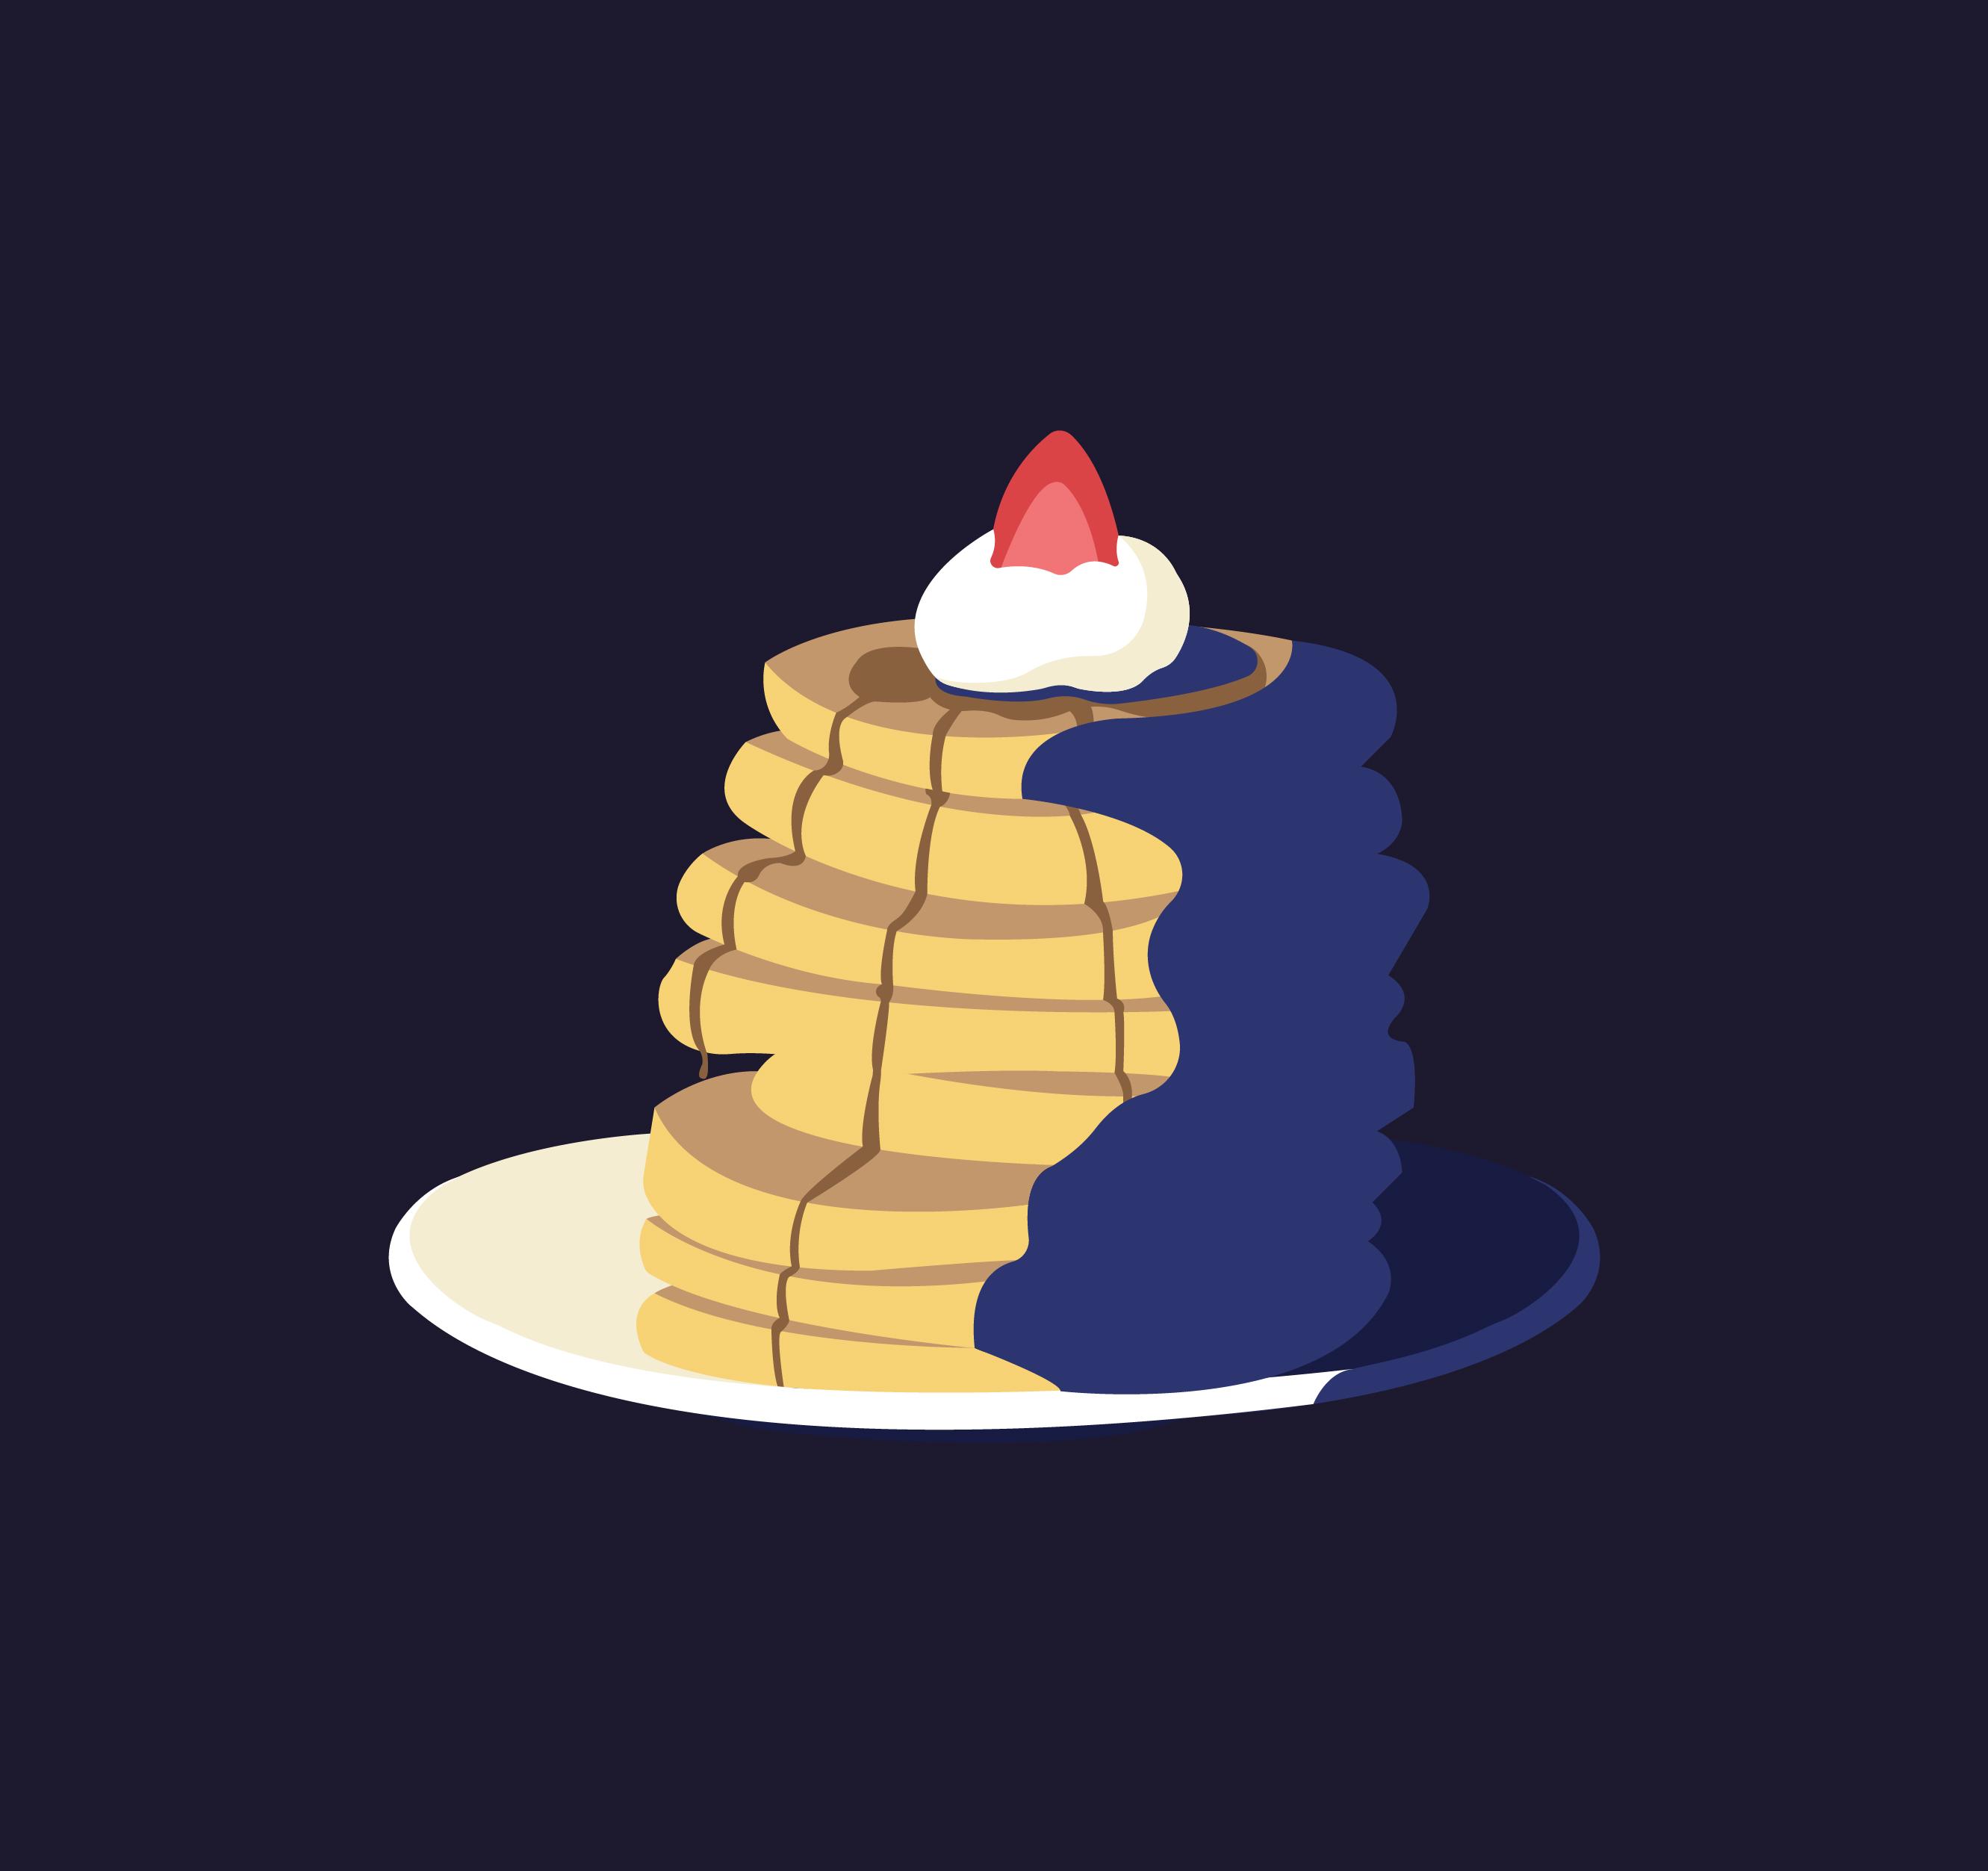 pancake_day-03